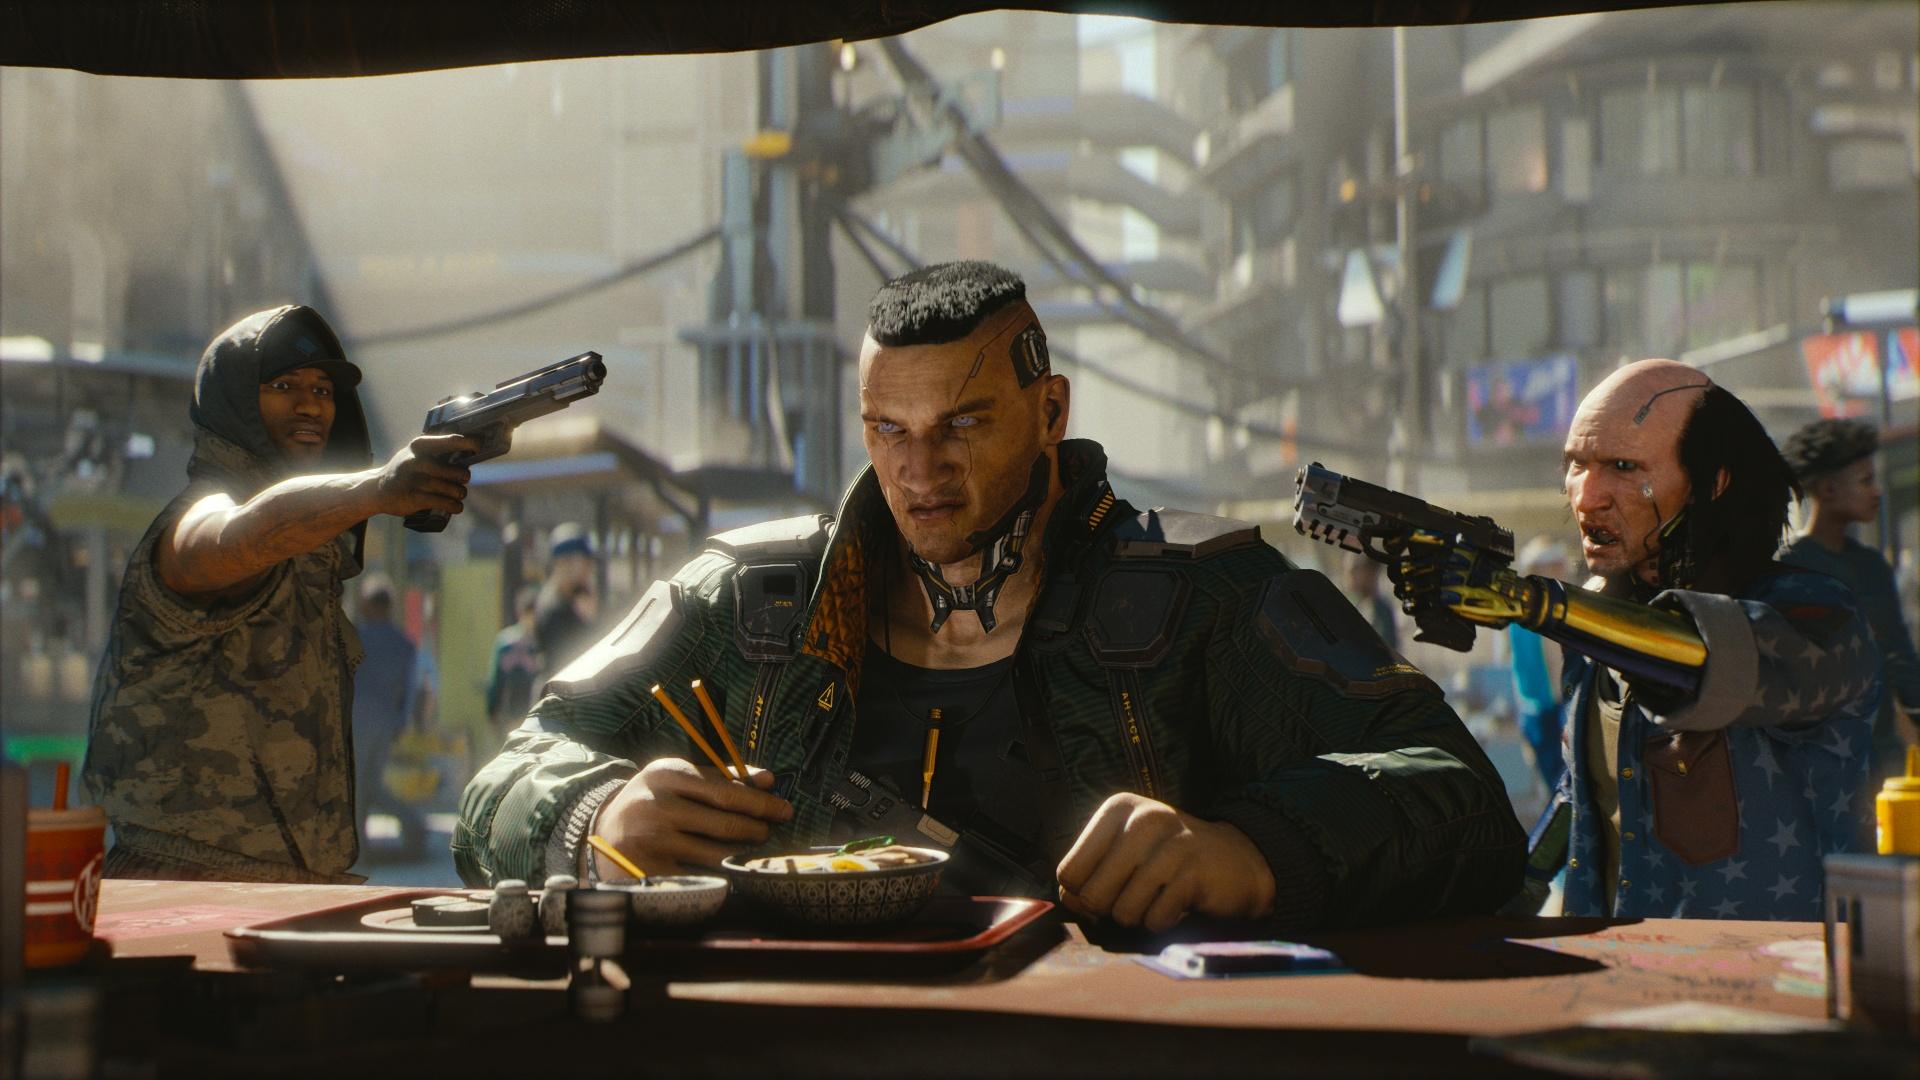 Годовой отчёт CD Projekt: релиз Cyberpunk 2077 в сентябре и28 млн копий The Witcher3